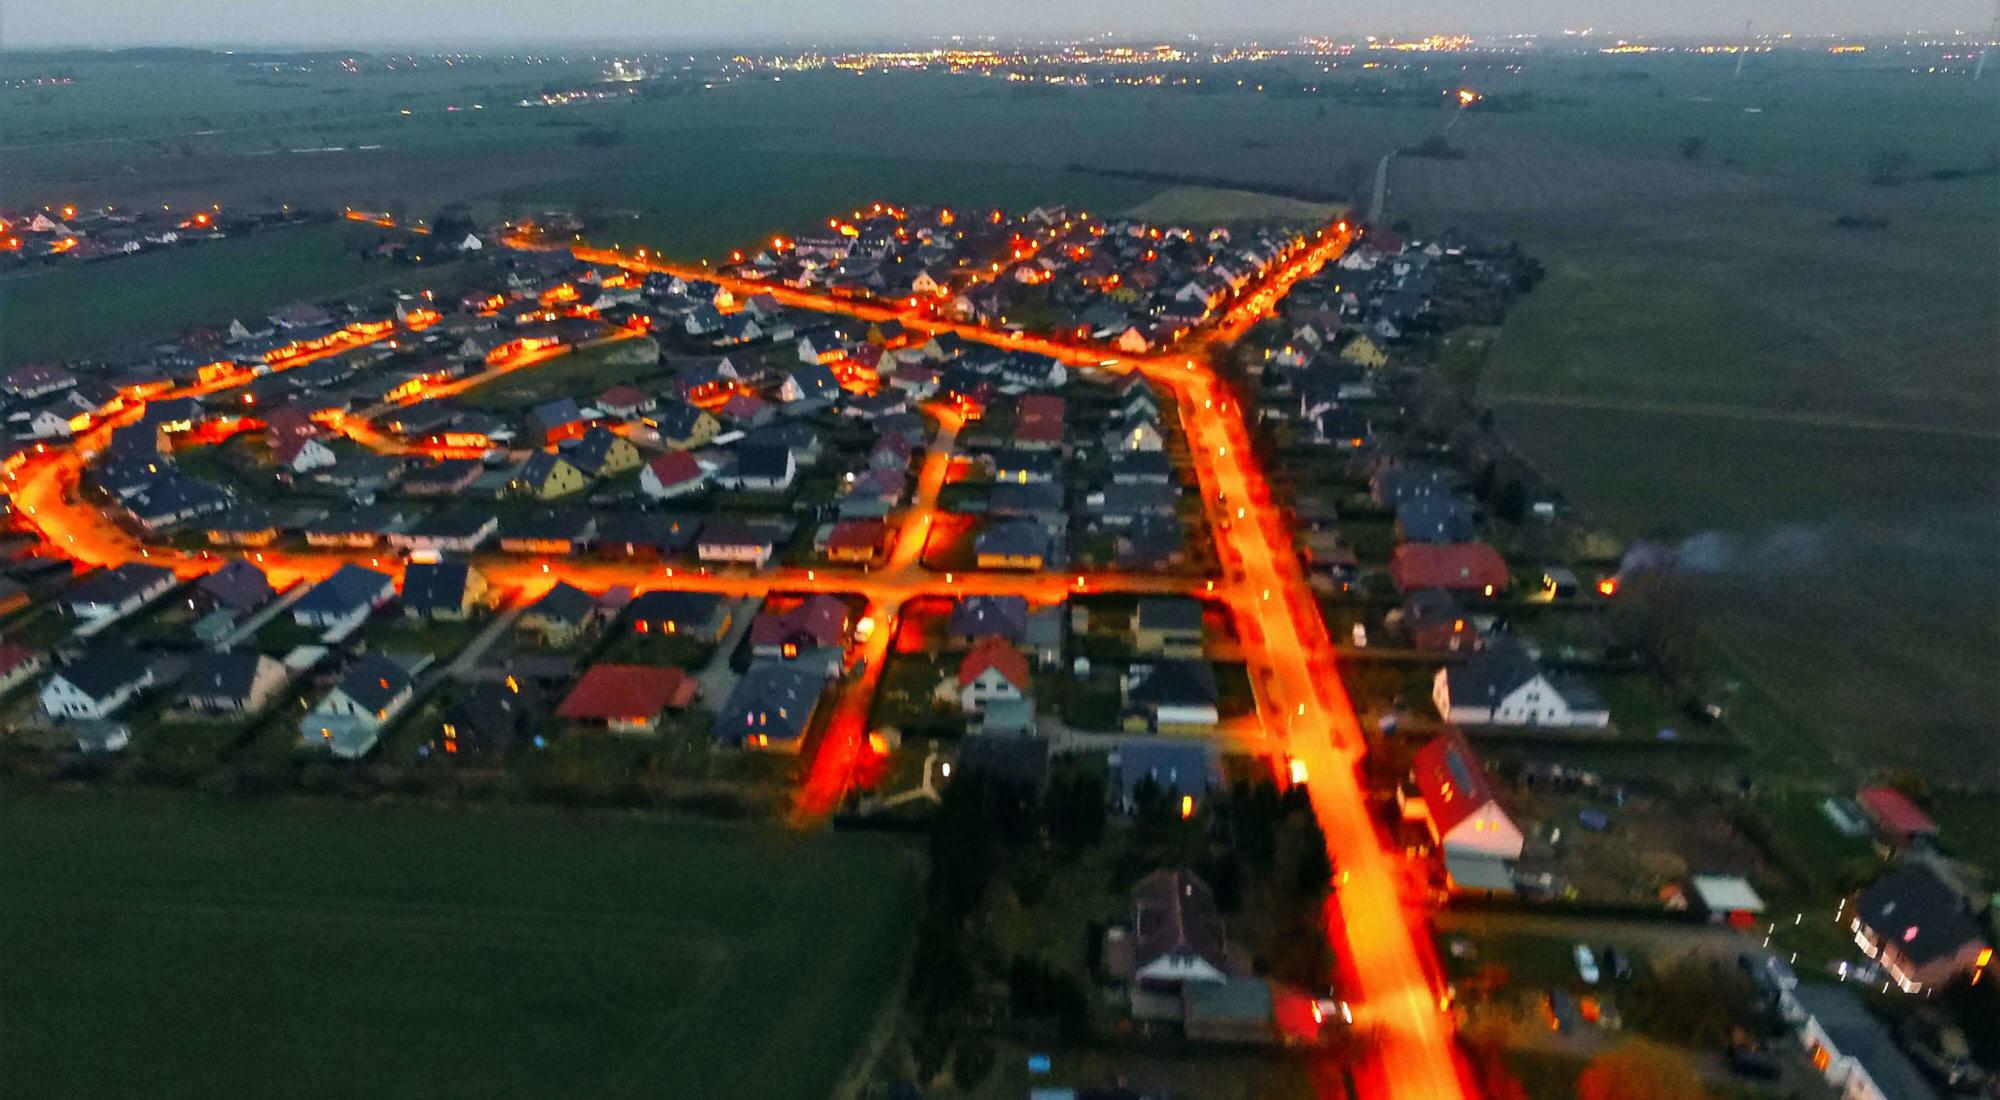 Luftbildaufnahme Nacht von Neu Broderstorf bei Rostock